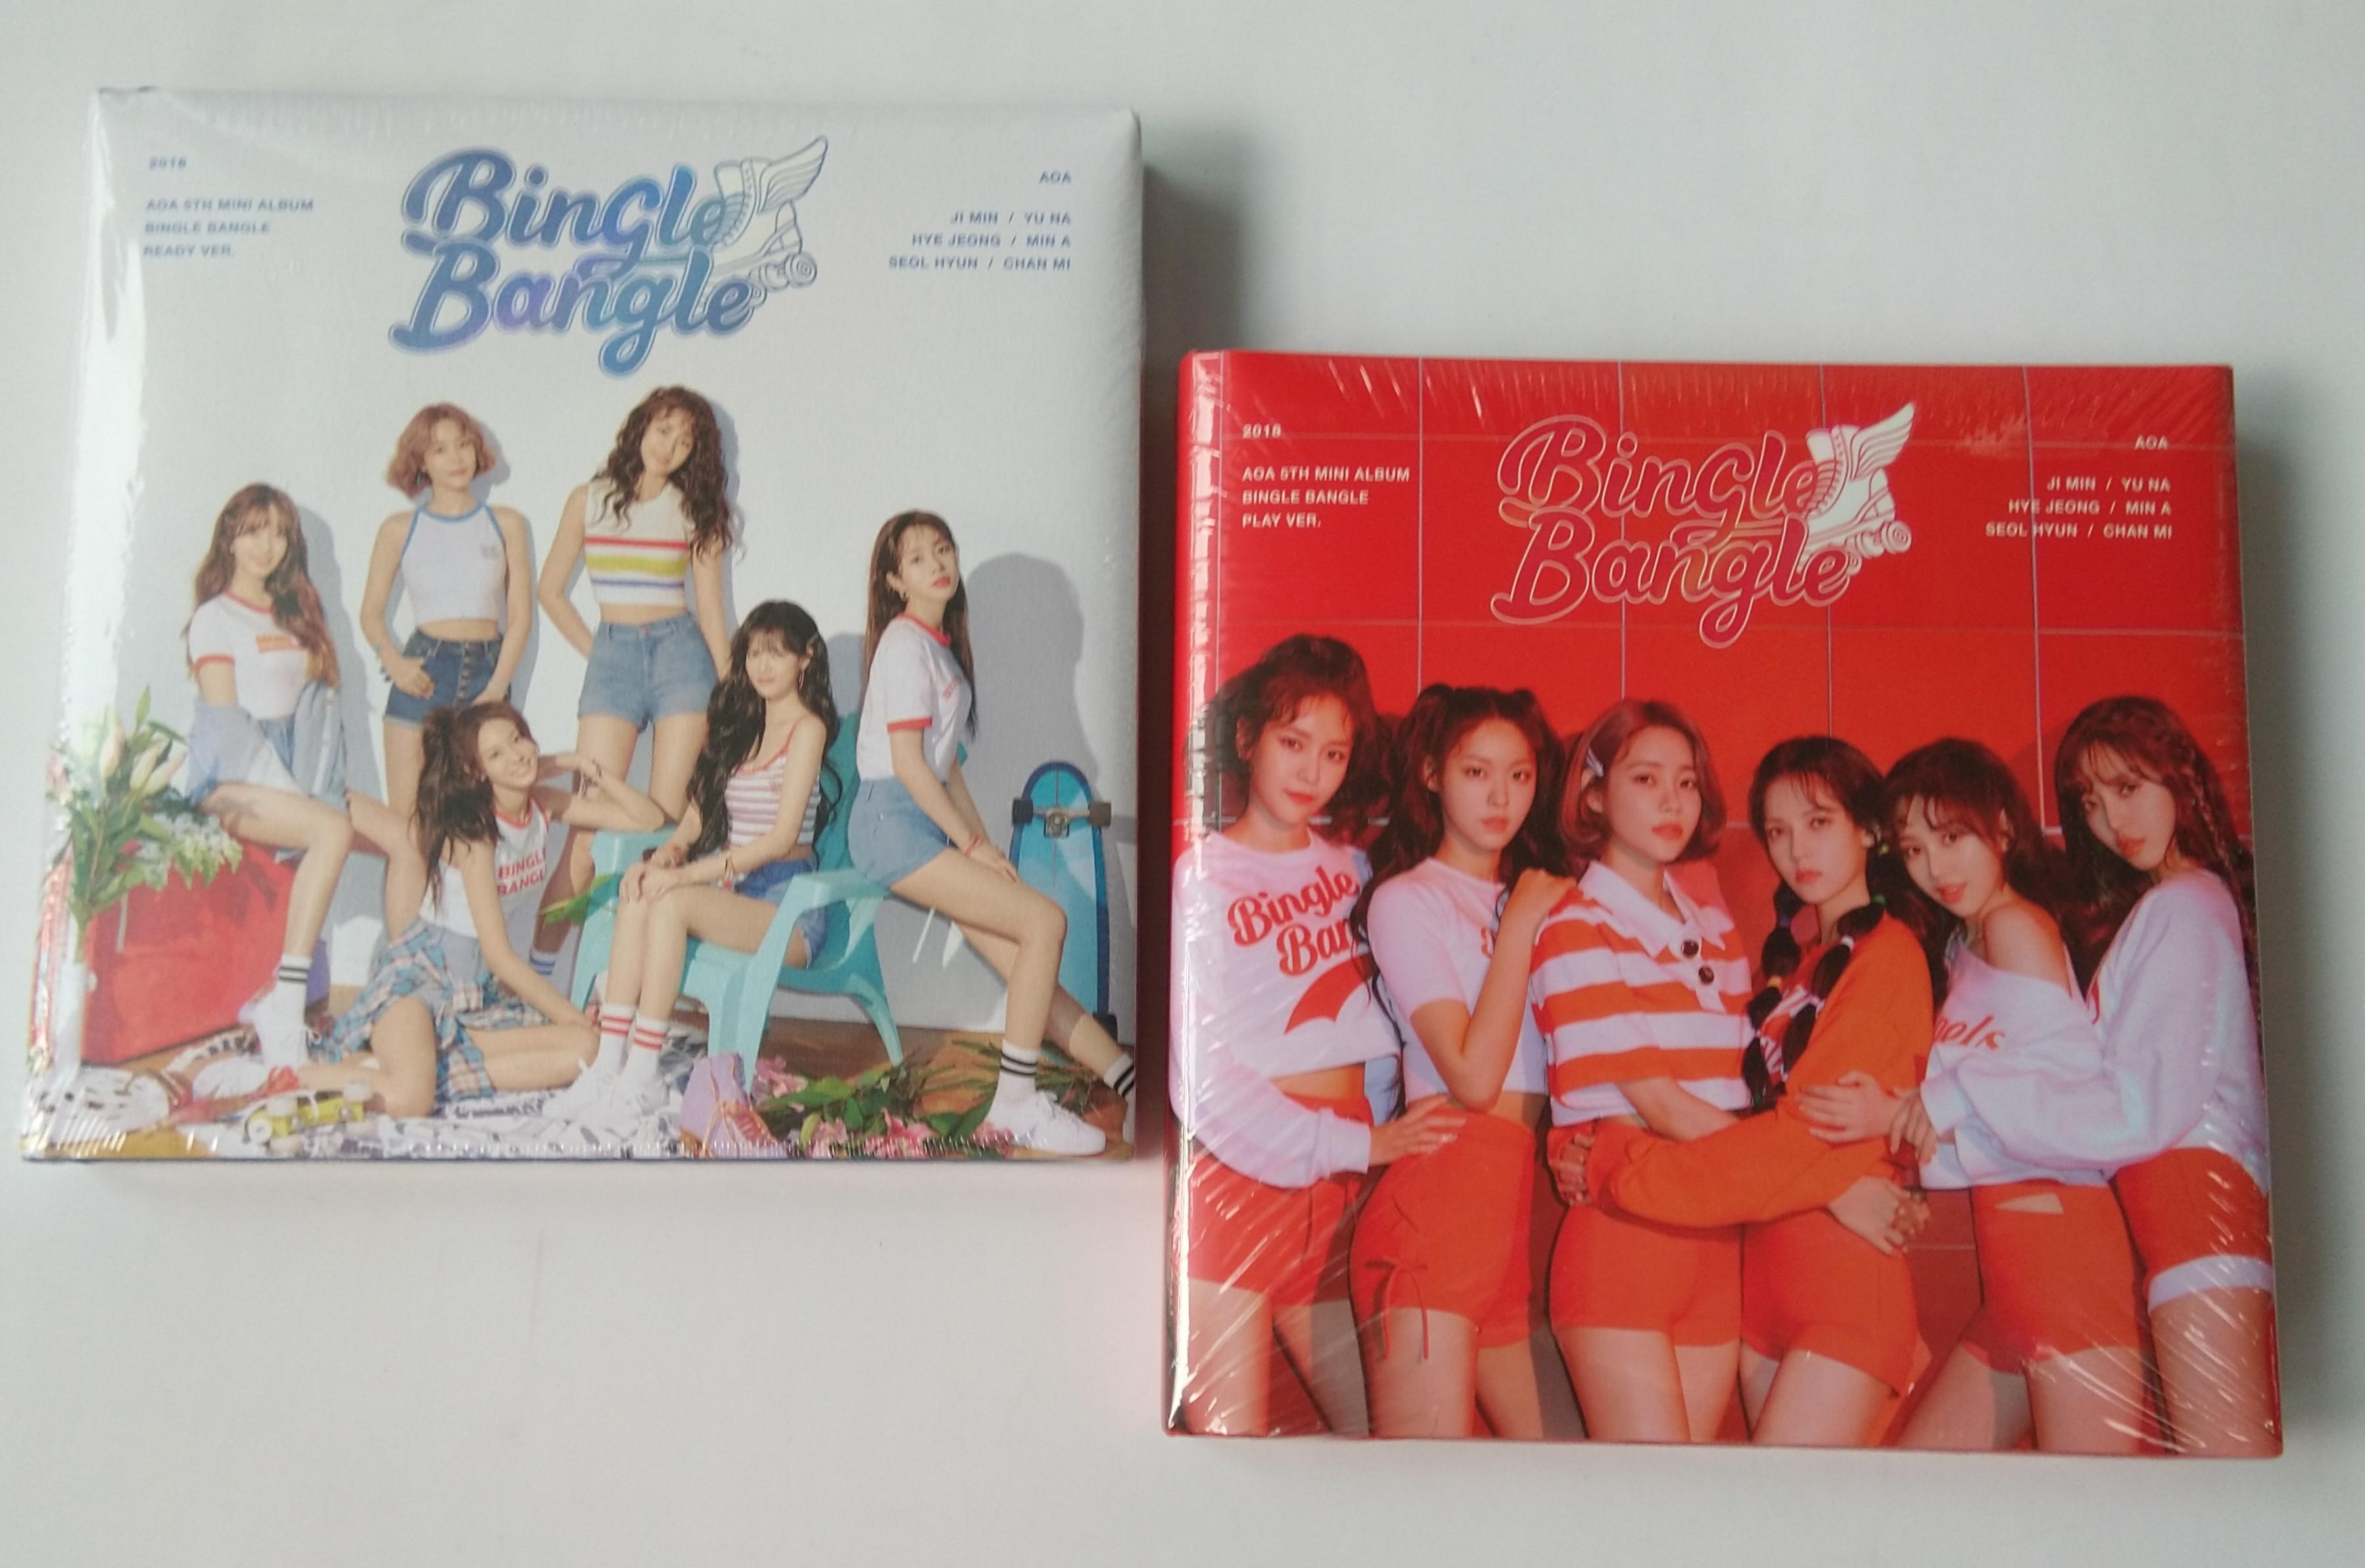 mykpop 100 original oficial aoa mini 5 bingle conjunto de album de pulseira cd sa19061704